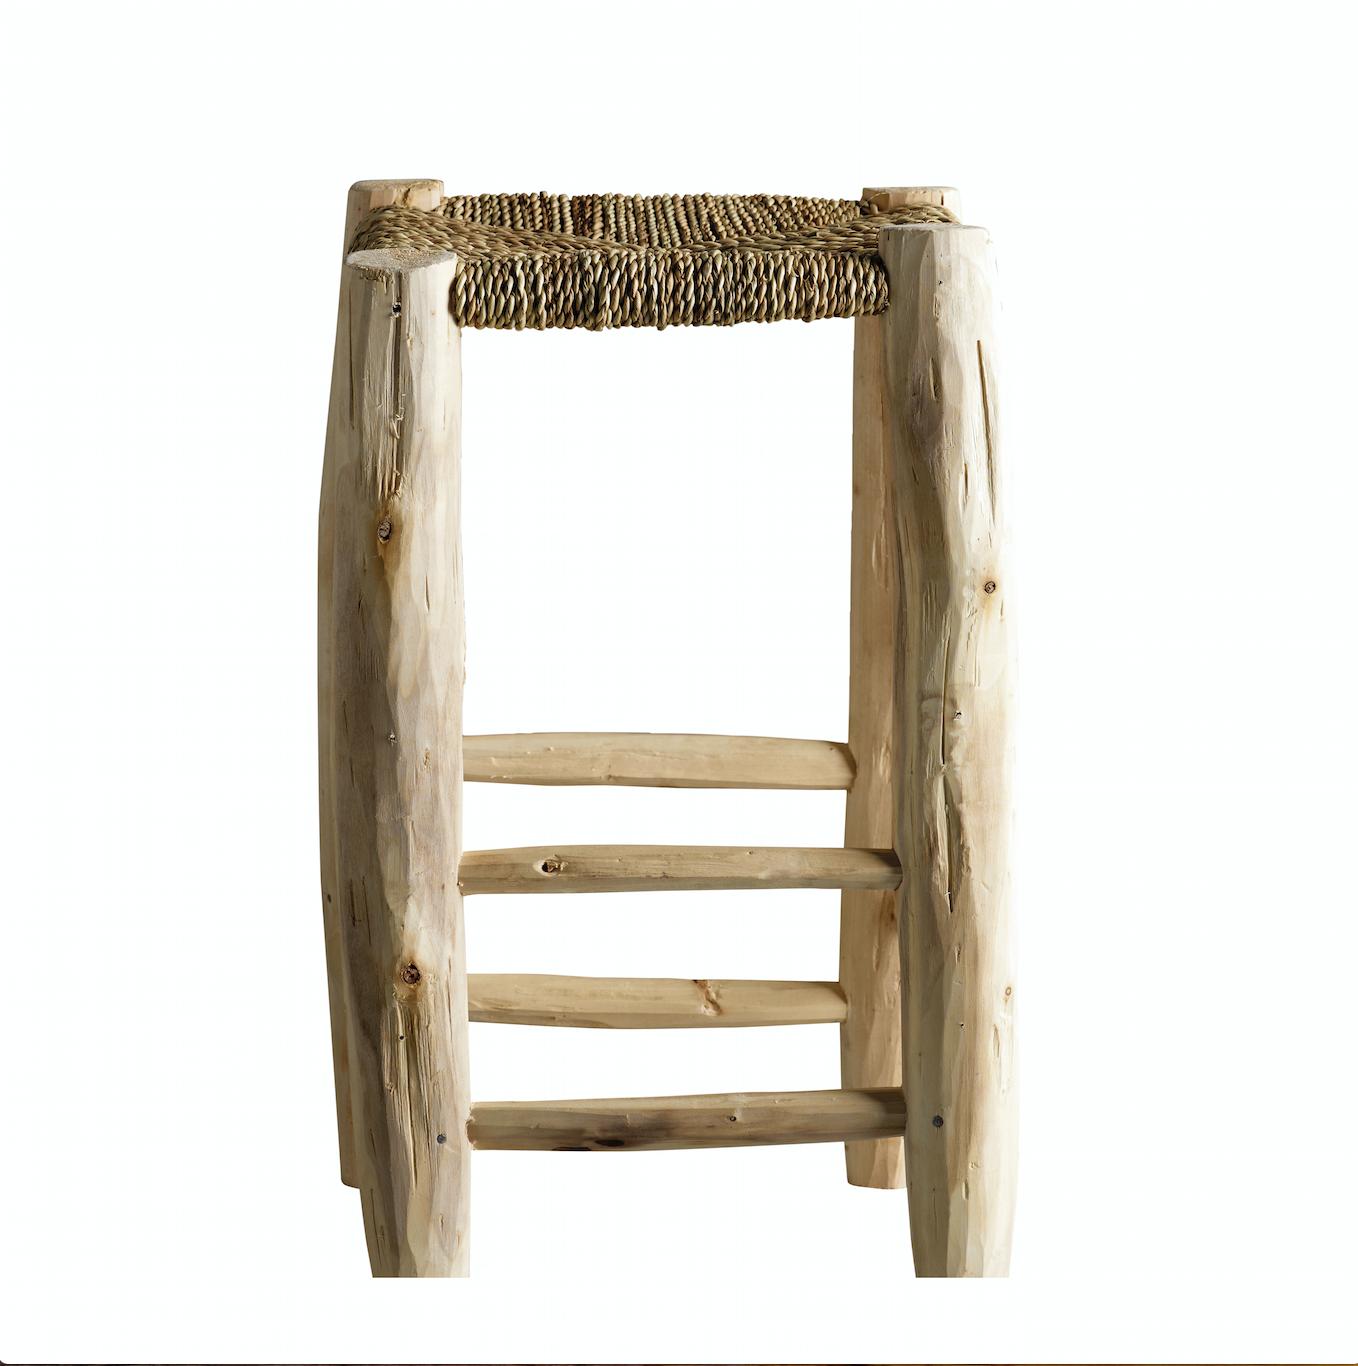 TineKHome Stool in palm leaf/wood - natural - Ø30xh50cm - Tinekhome